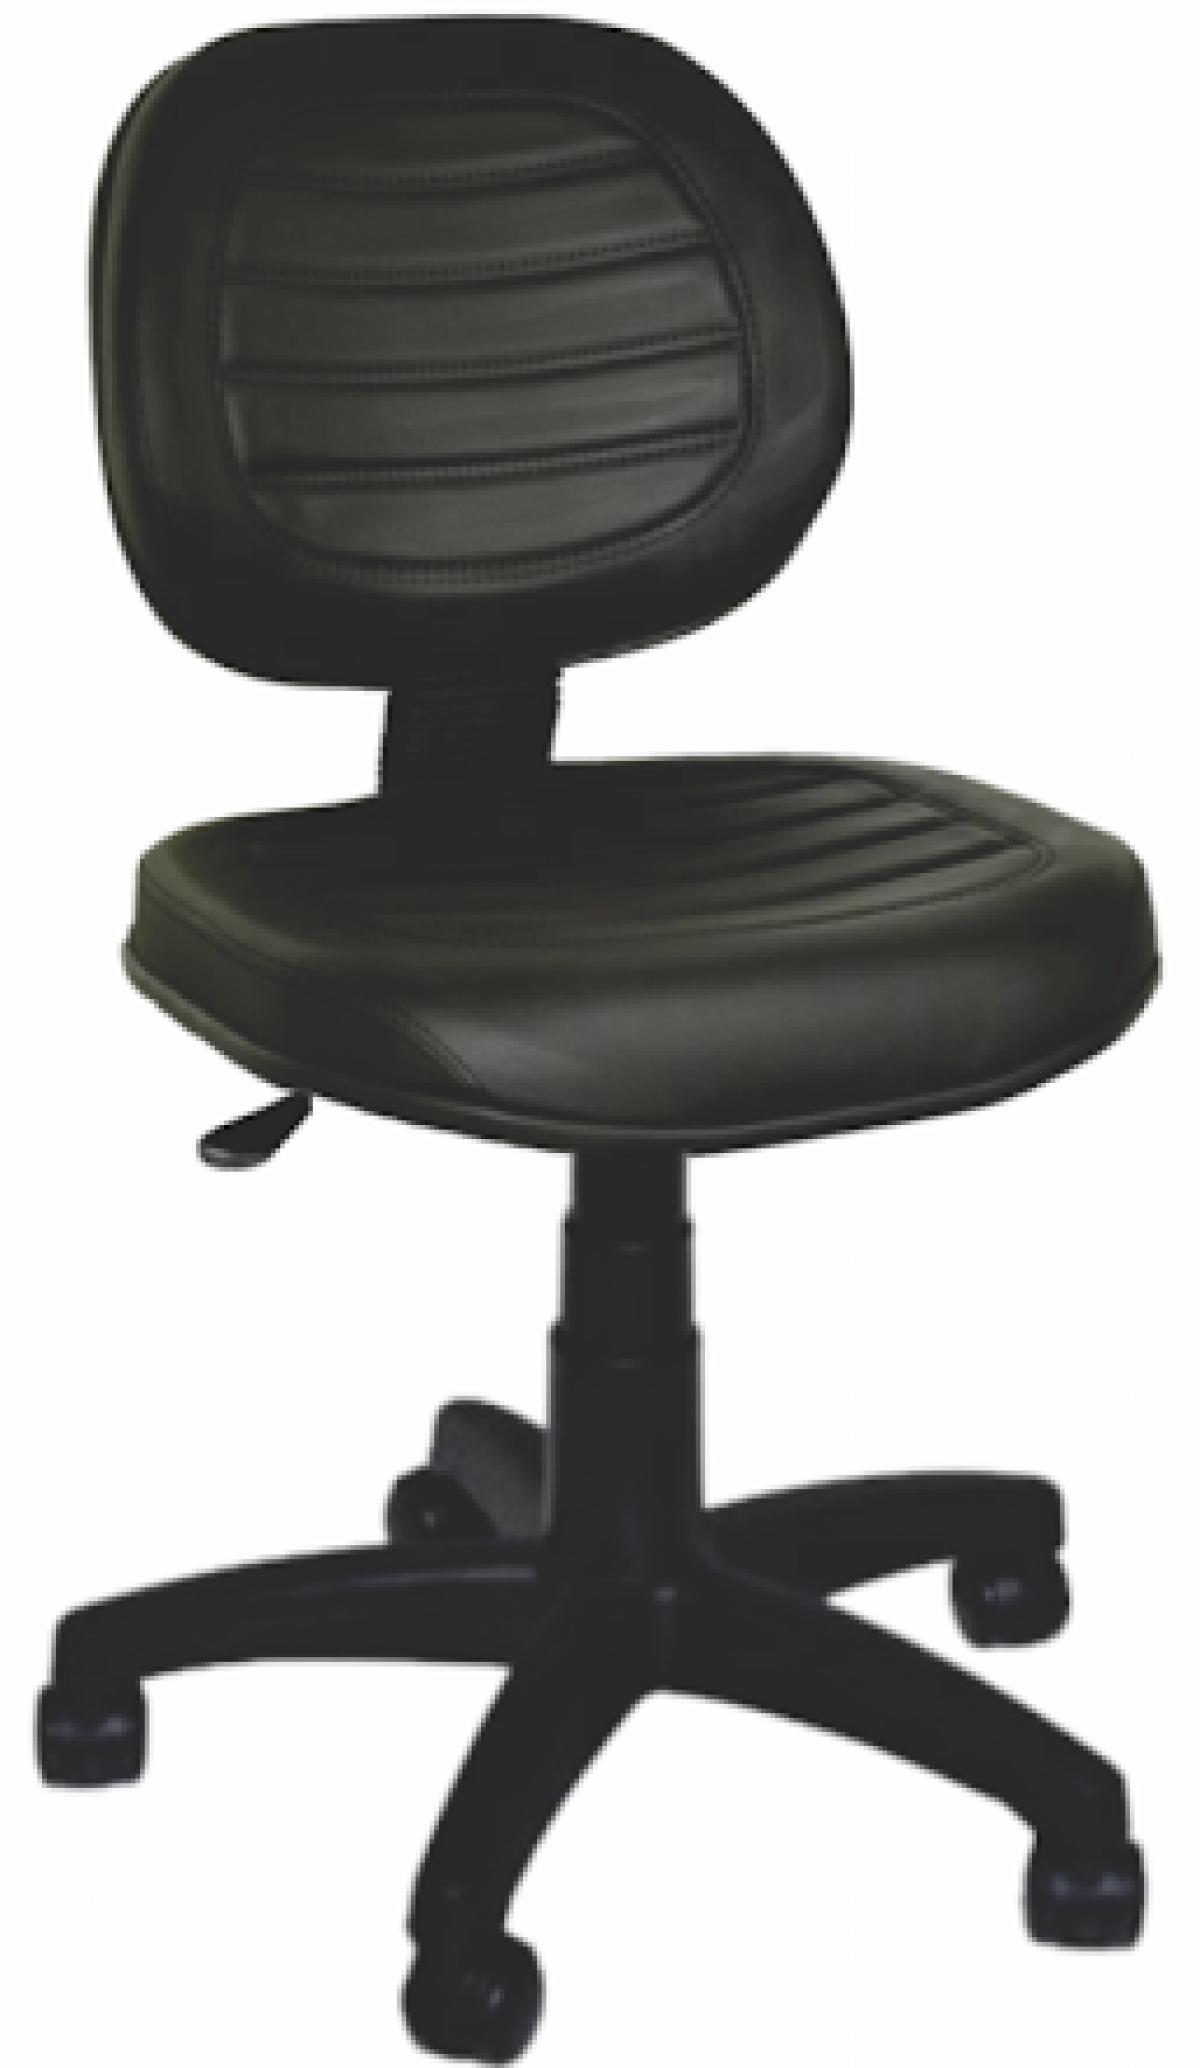 CAD - 49 Cadeira Para Escritório Executiva Costurada Giratoria Estofada Varias Cores